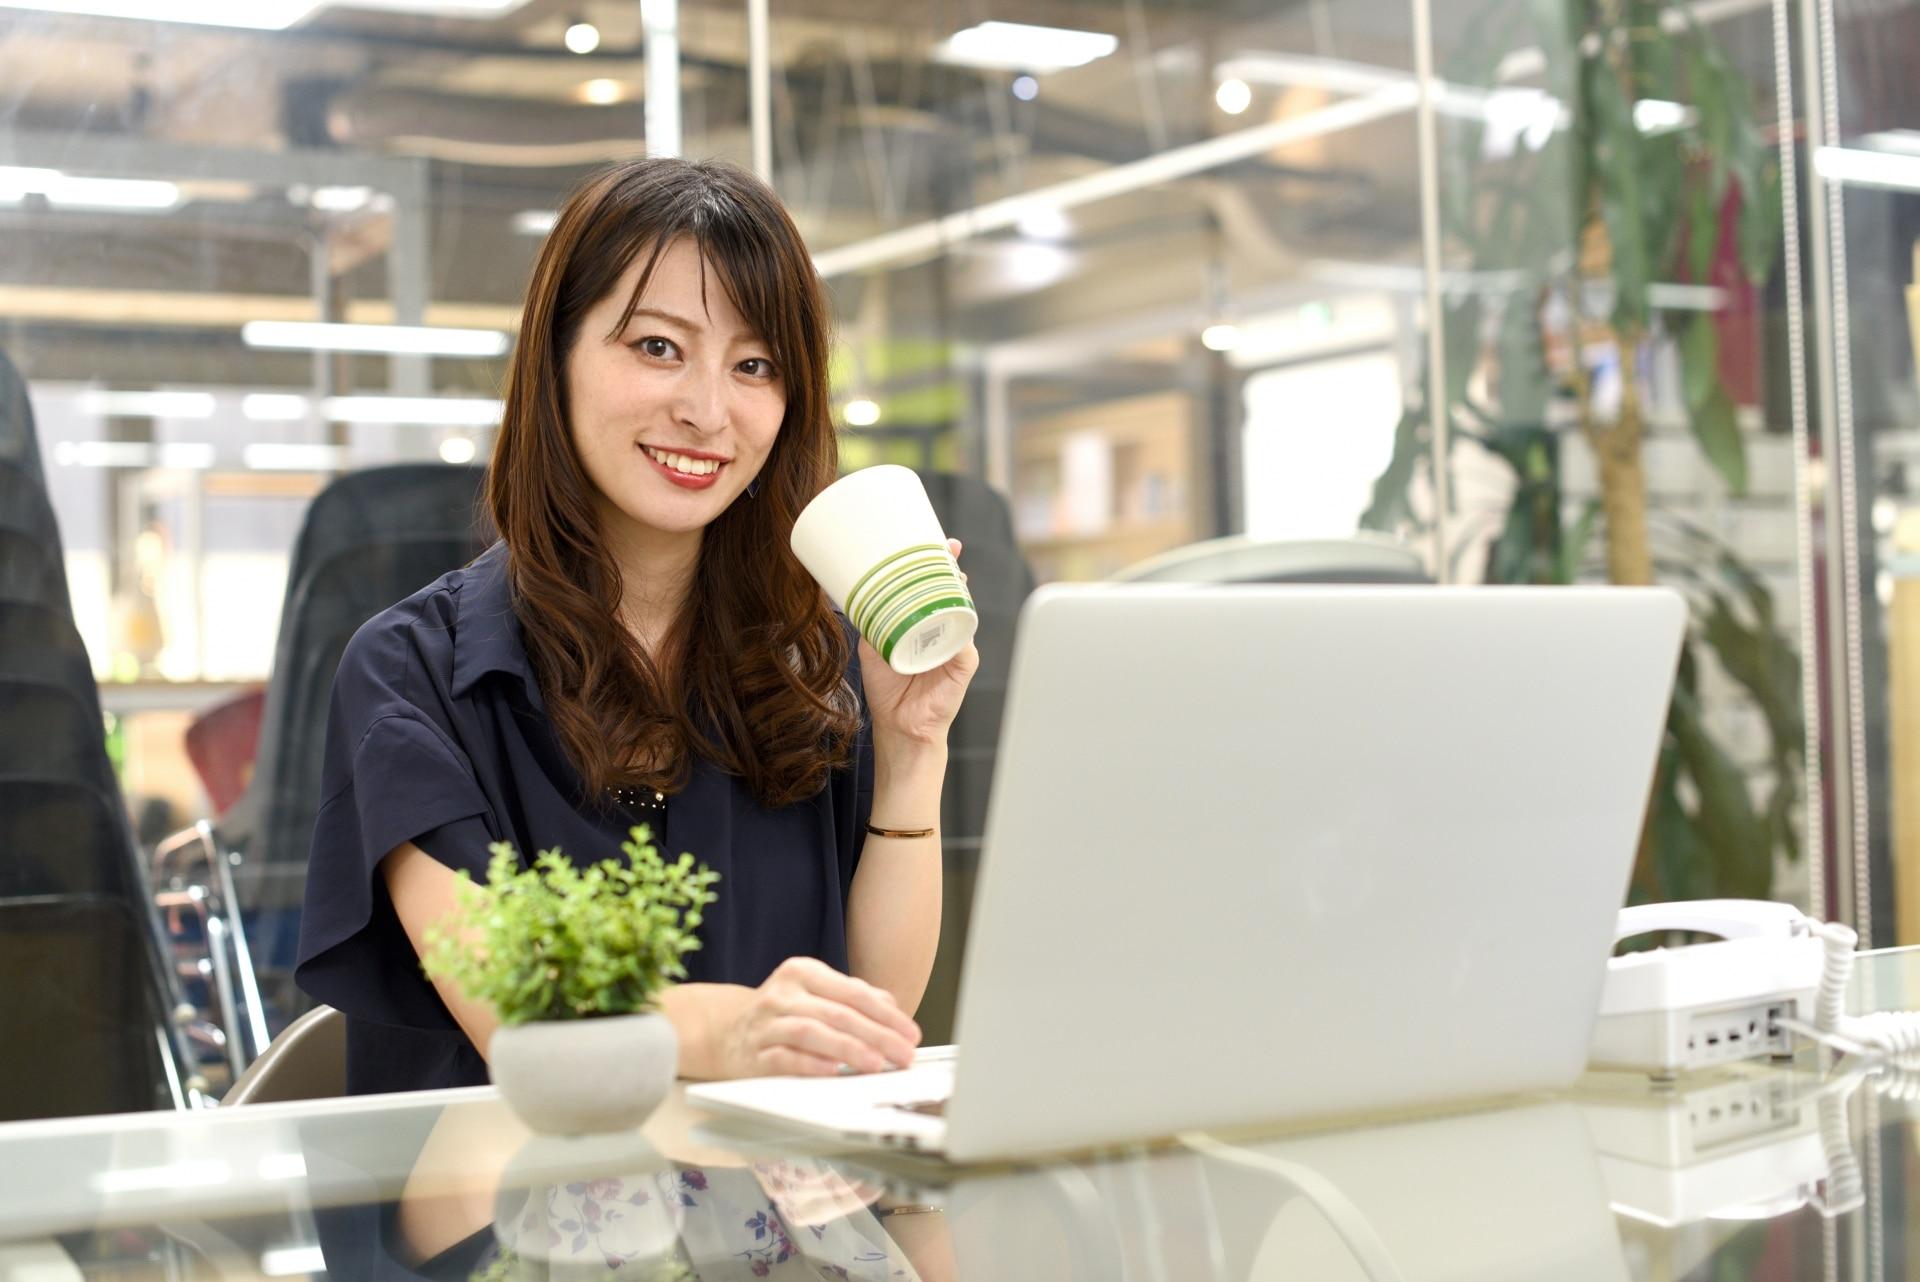 ノートパソコン、女性、オフィス